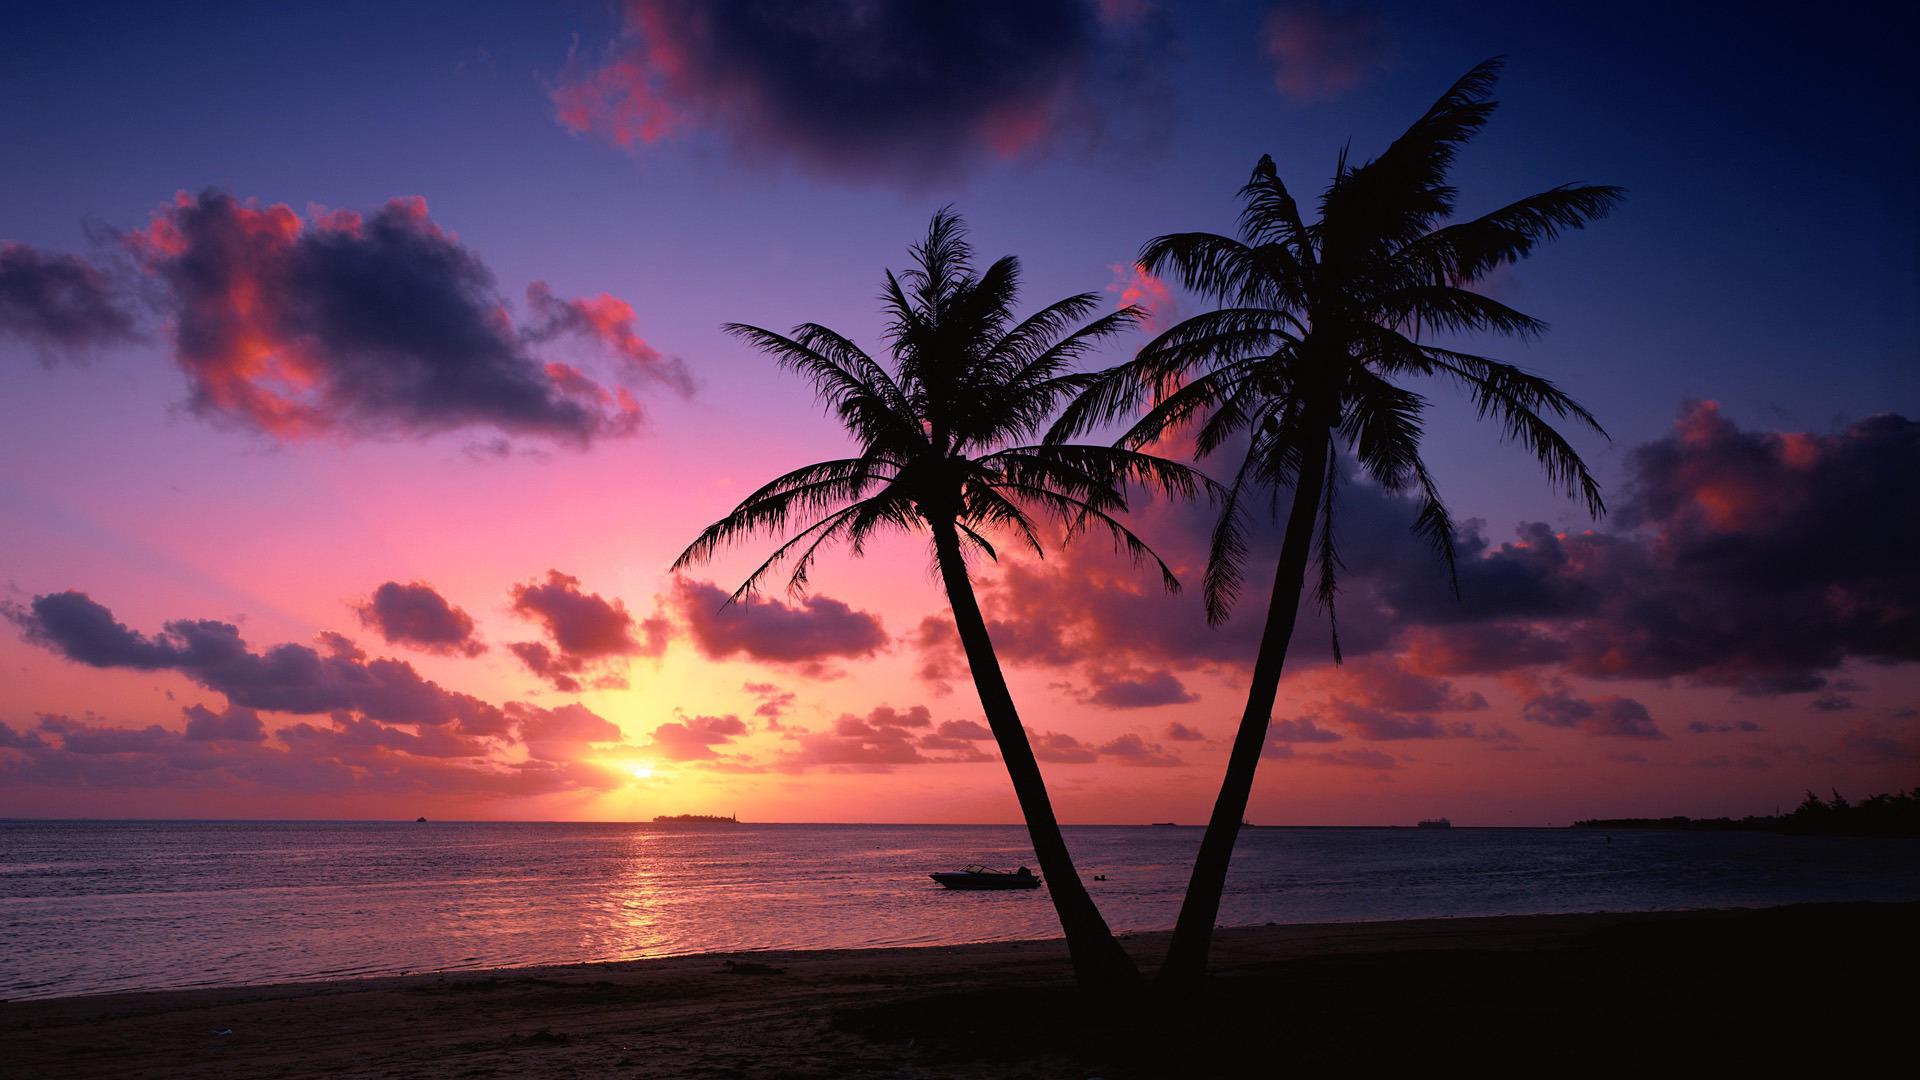 Sunset on a tropical beach wallpaper 6856 1920x1080